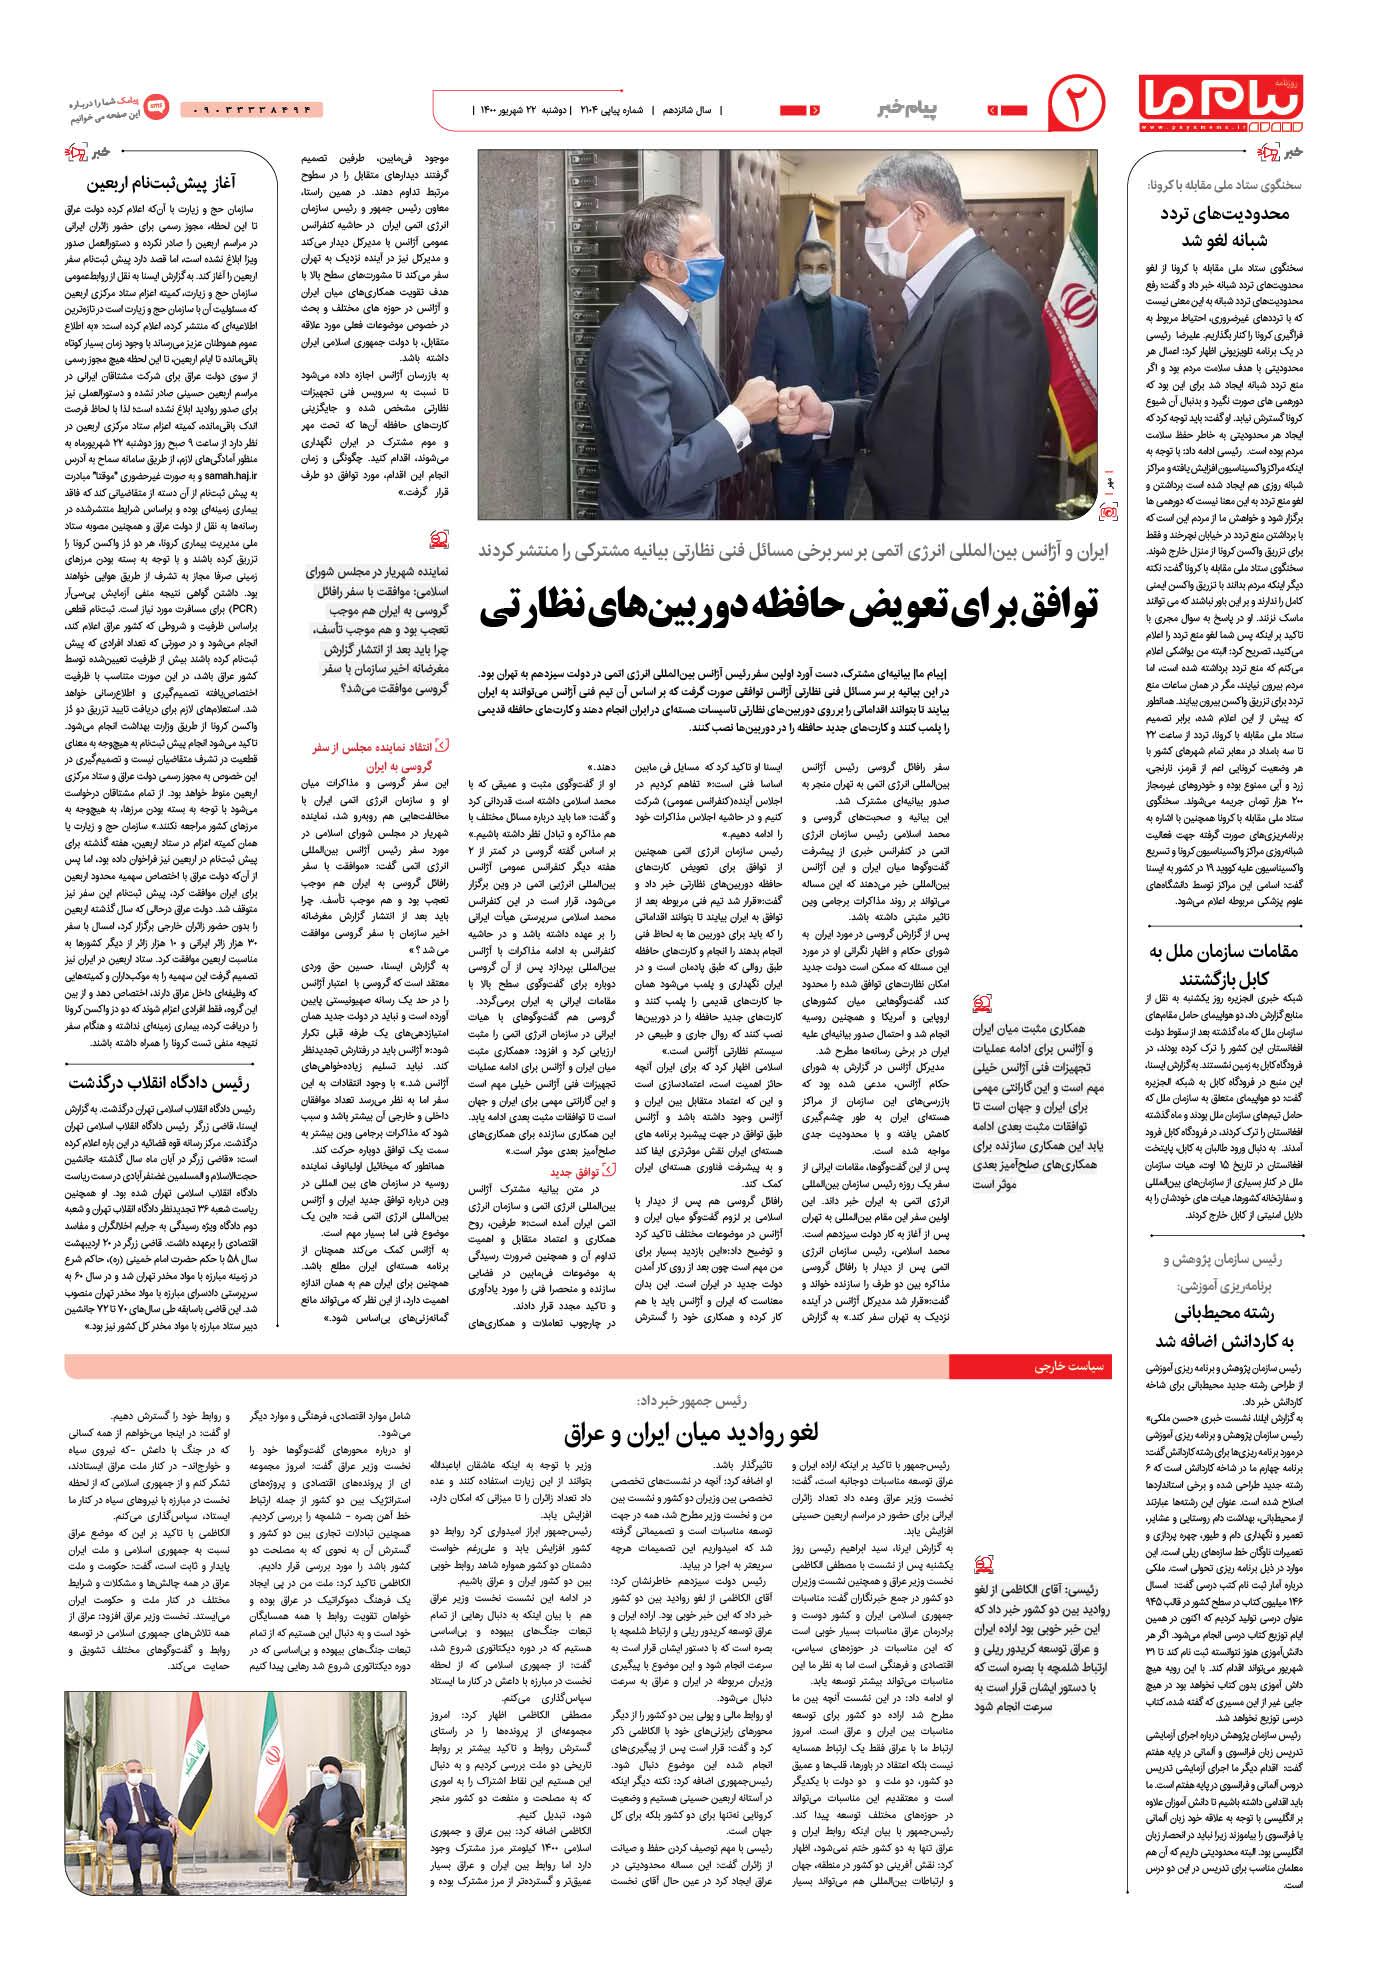 صفحه پیام خبر شماره 2104 روزنامه پیام ما